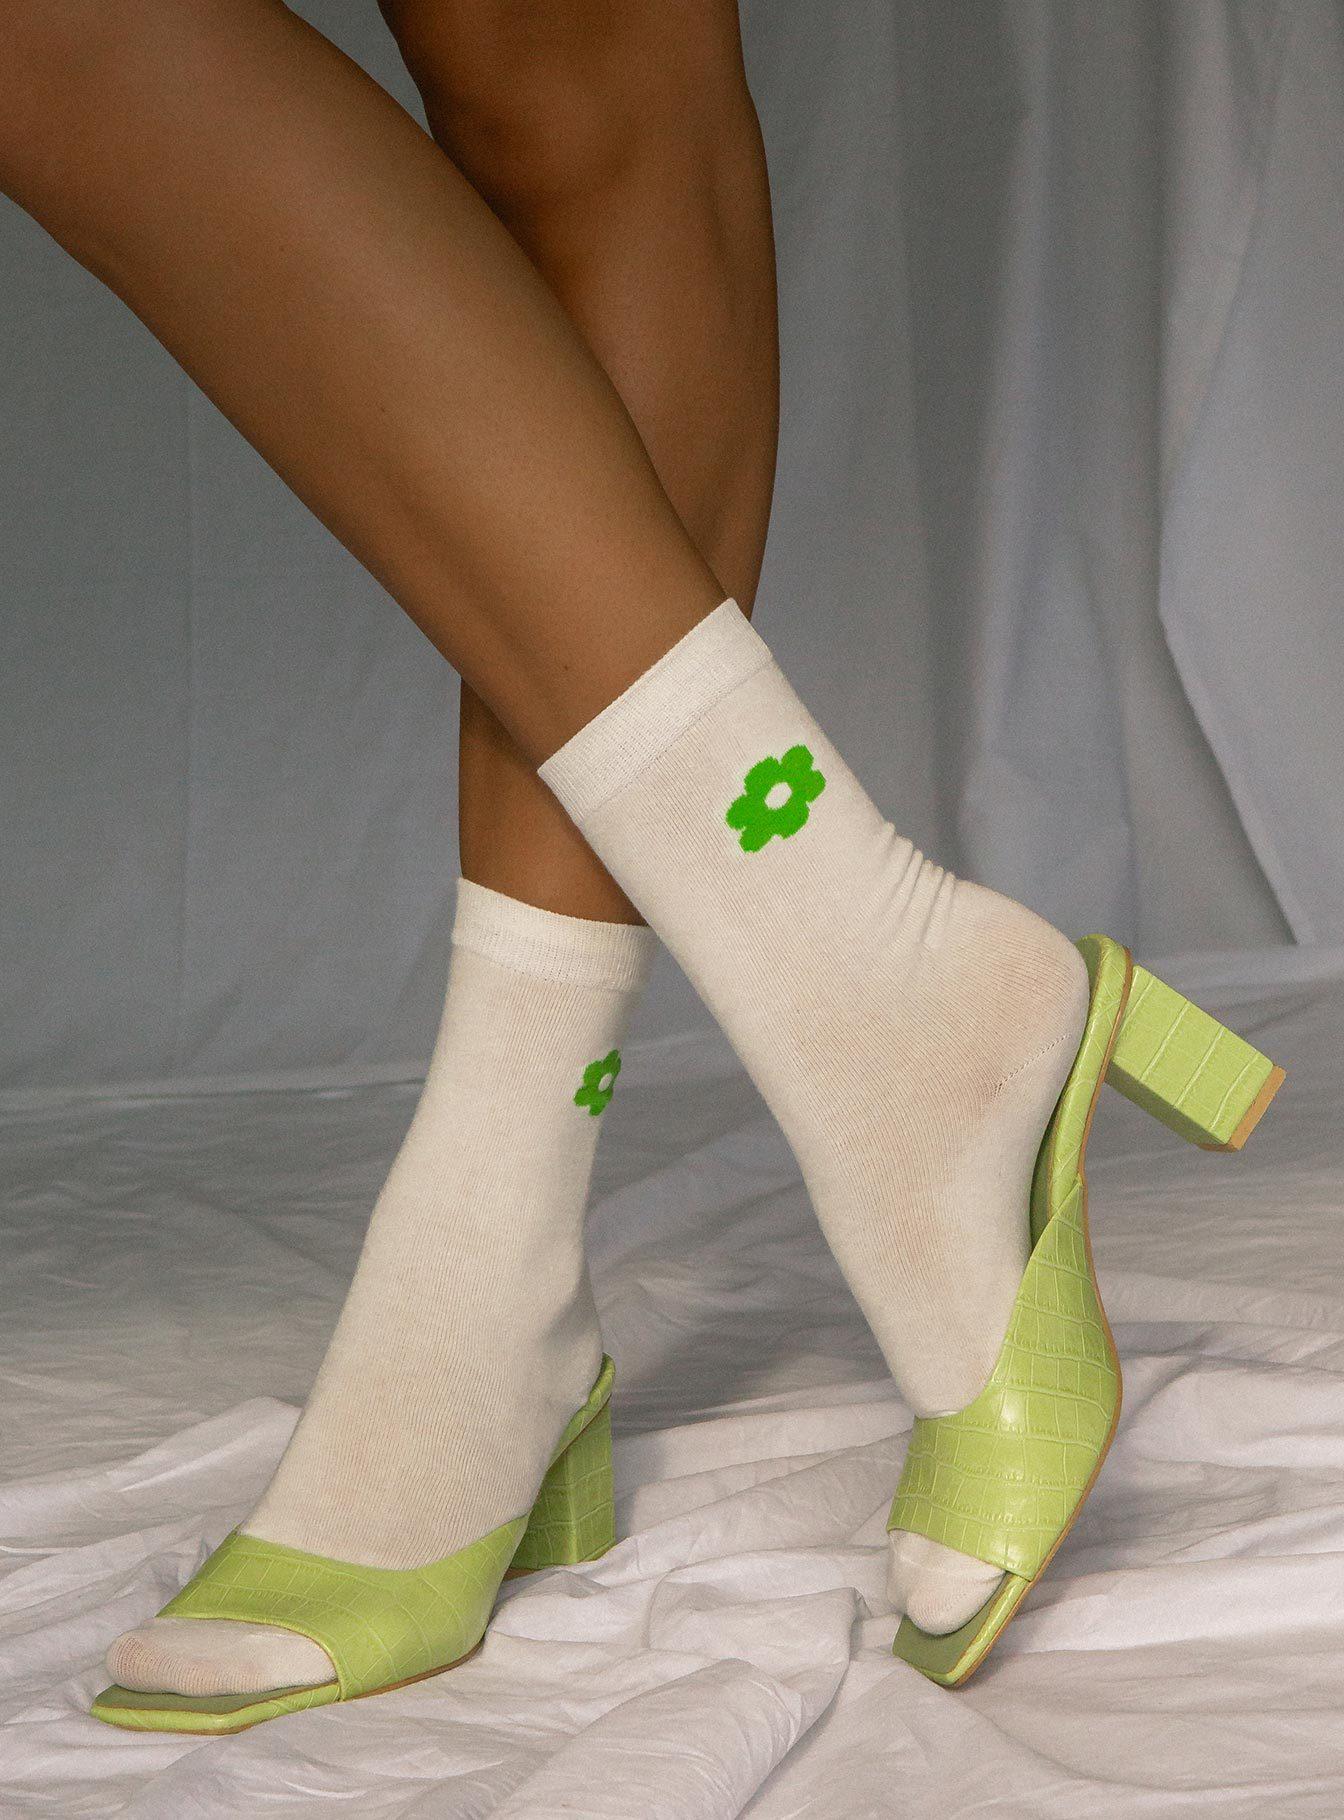 Heels (Side B)